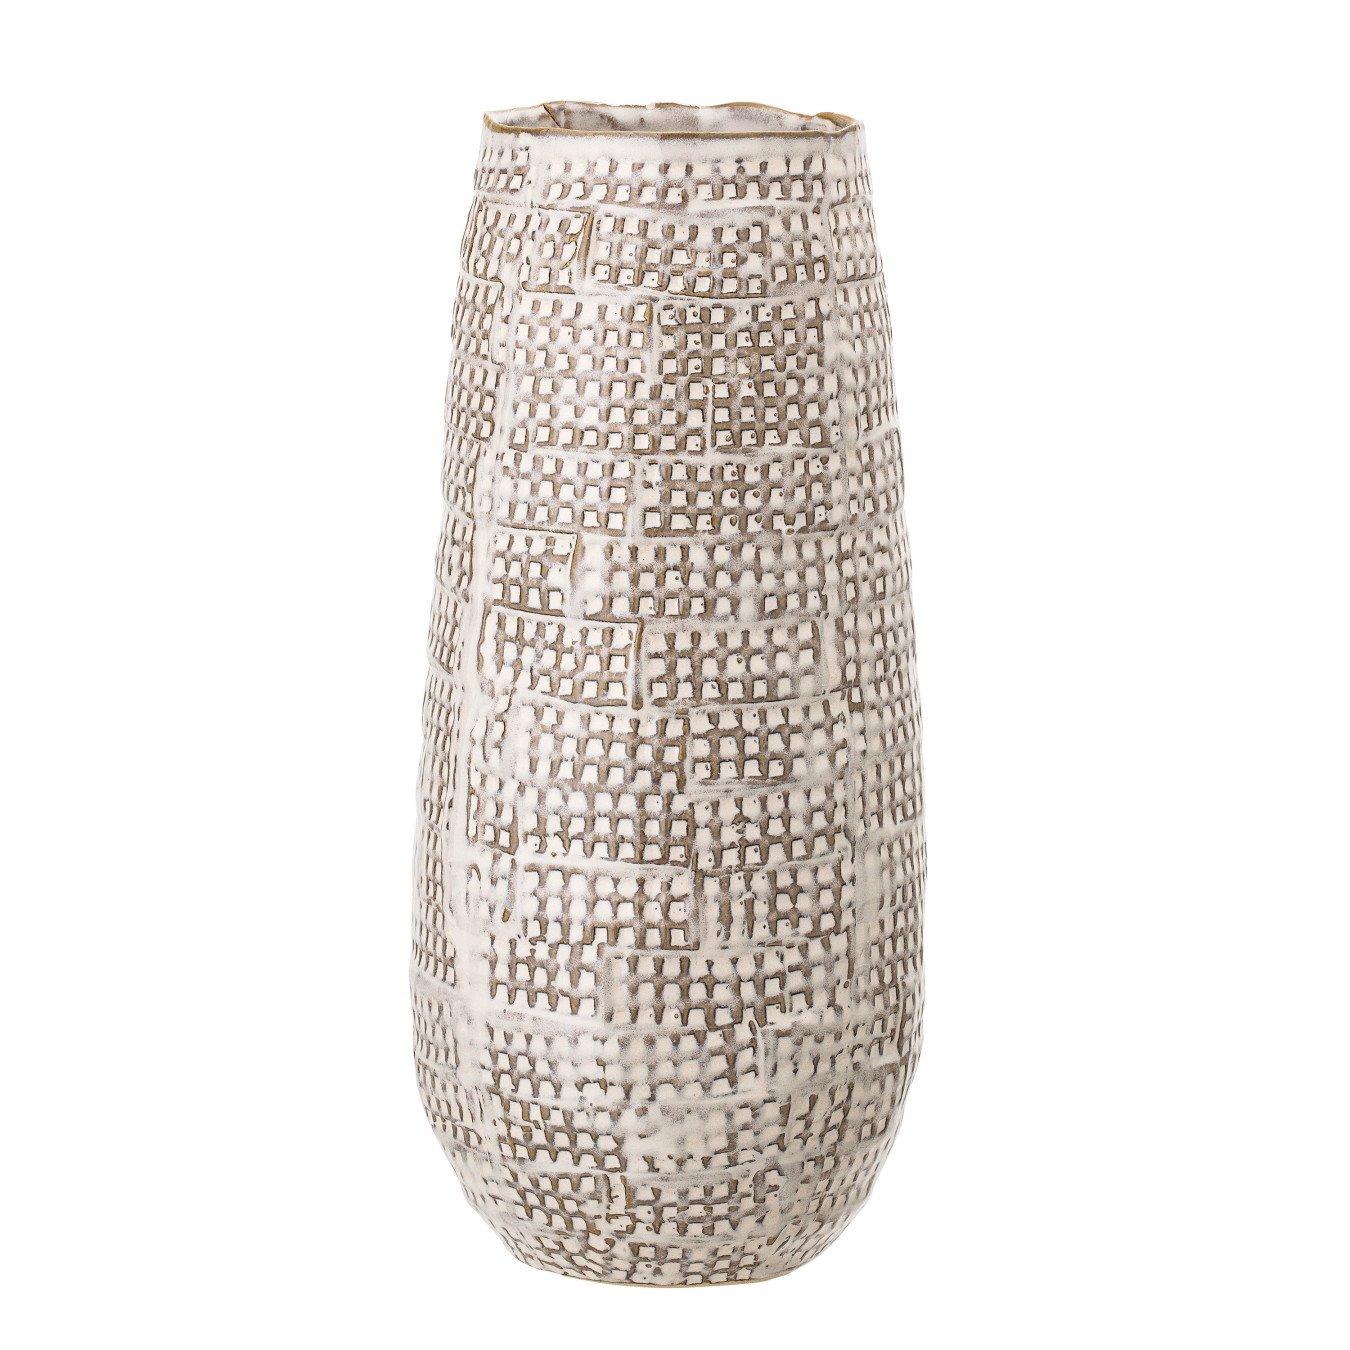 Brown Basketweave Embossed Stoneware Vase